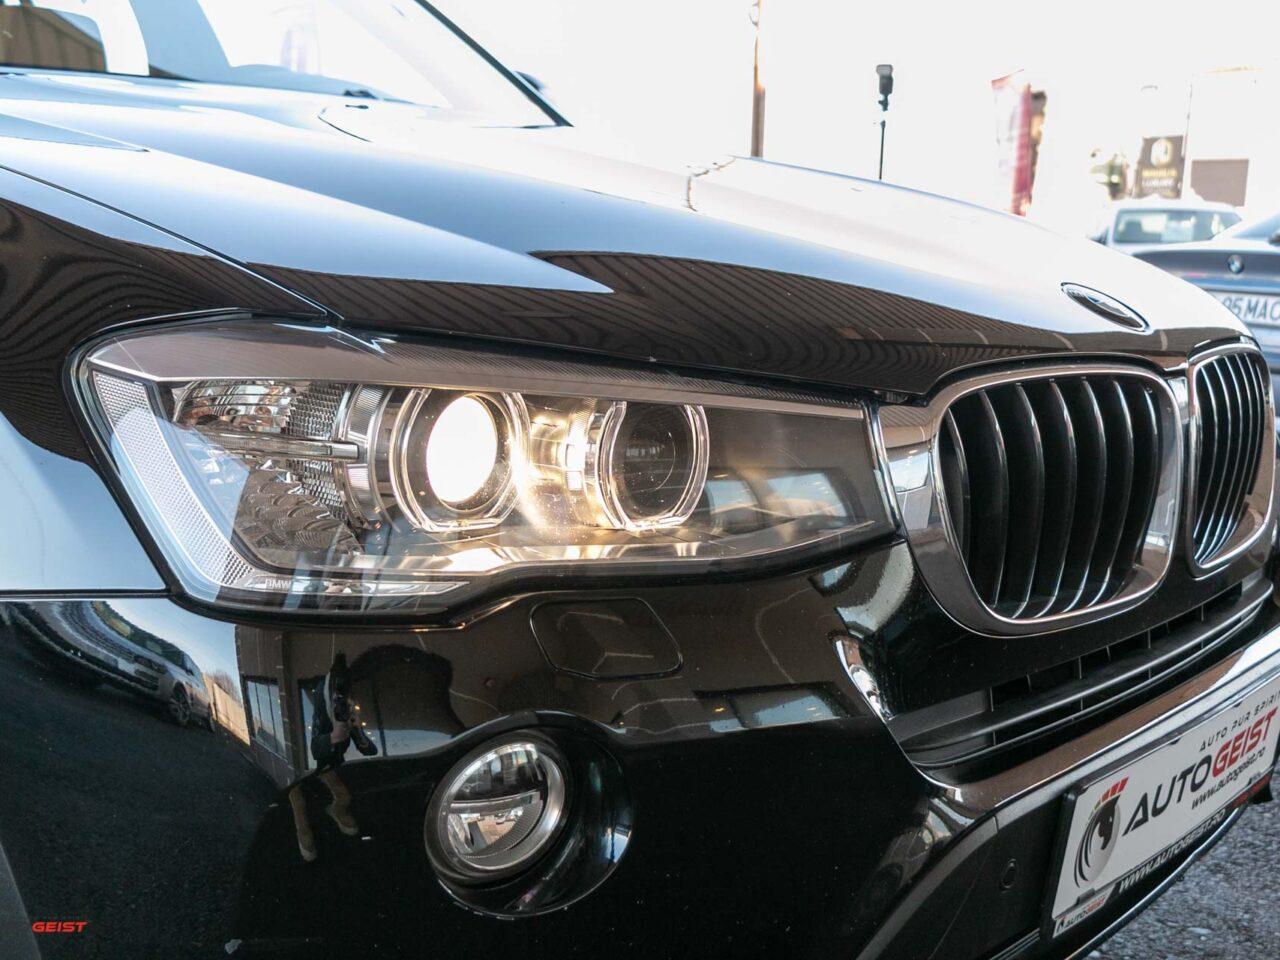 BMW-X3-xDrive-automata-3411